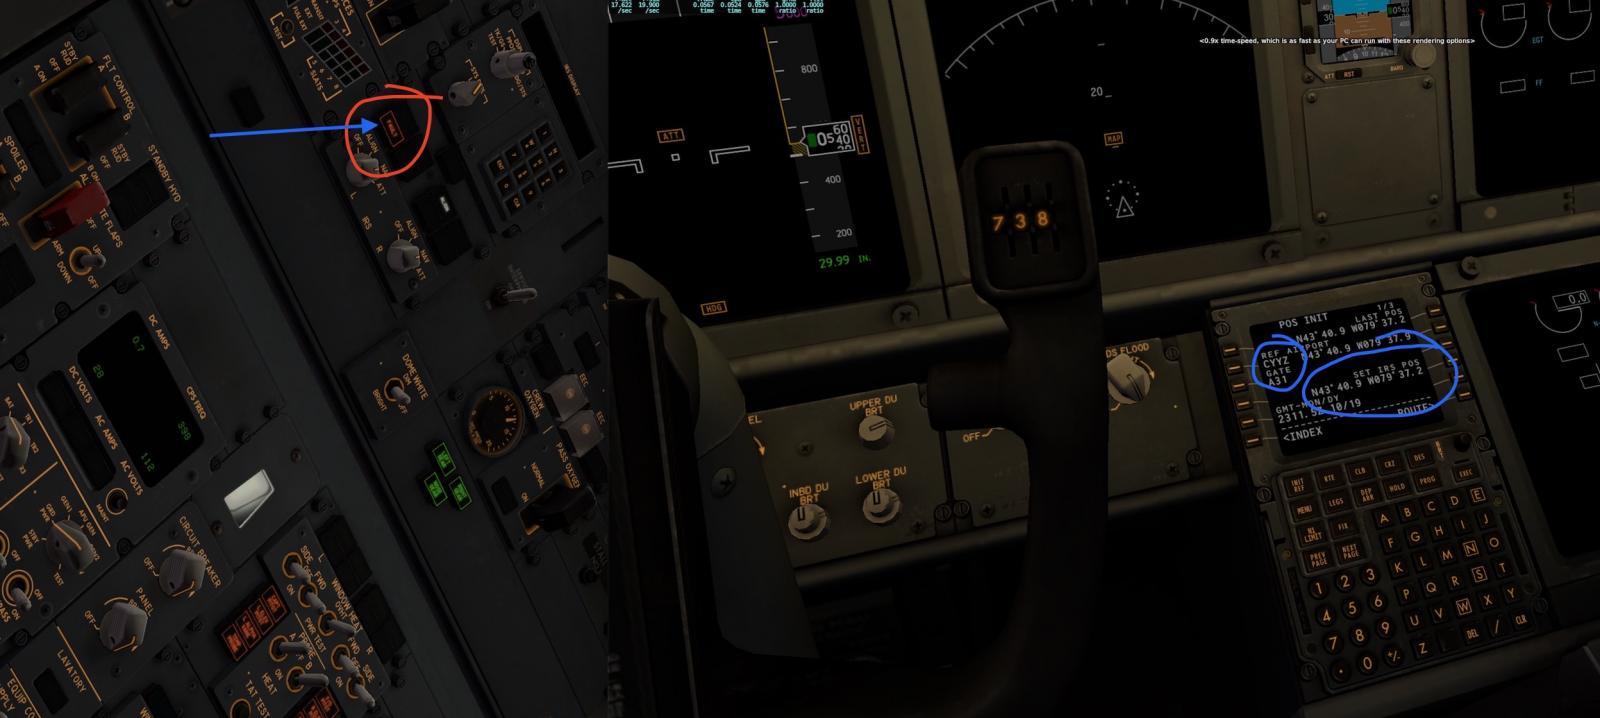 B738-800 modified - Page 603 - ZIBO B738-800 modified - X-Plane Org